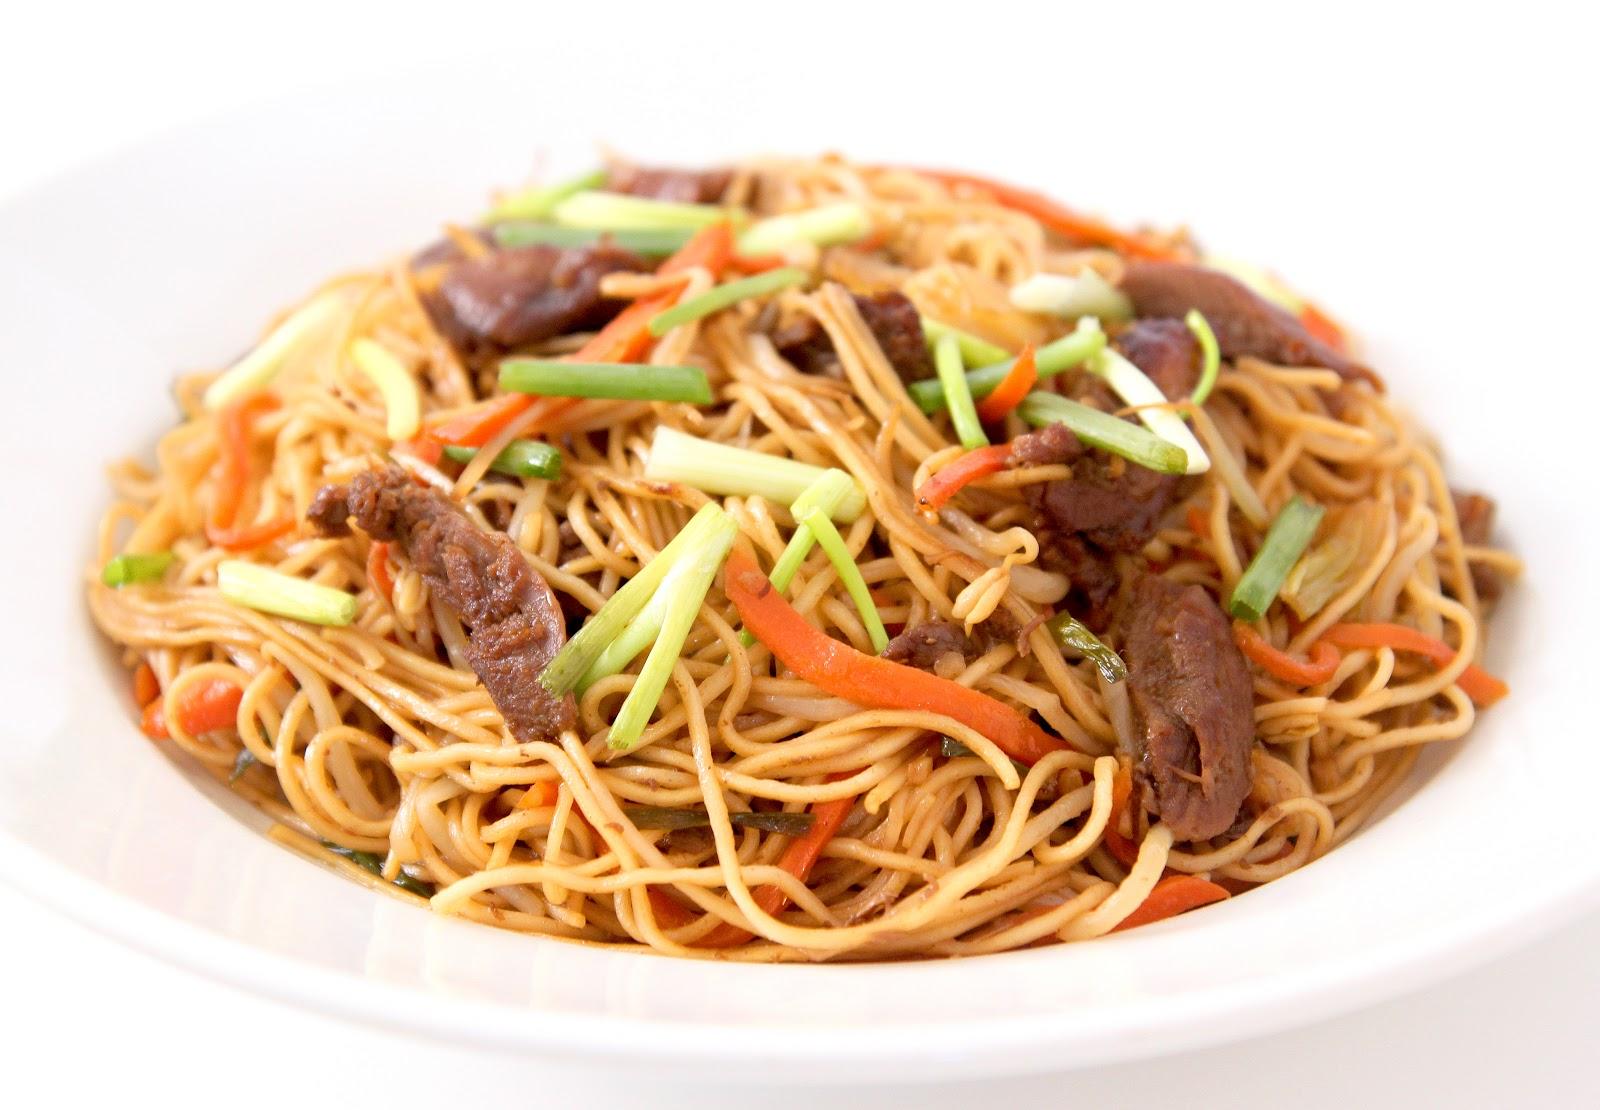 La street food une tradition culinaire tout droit venue d 39 asie blog voyage - Cuisine chinoise recette ...